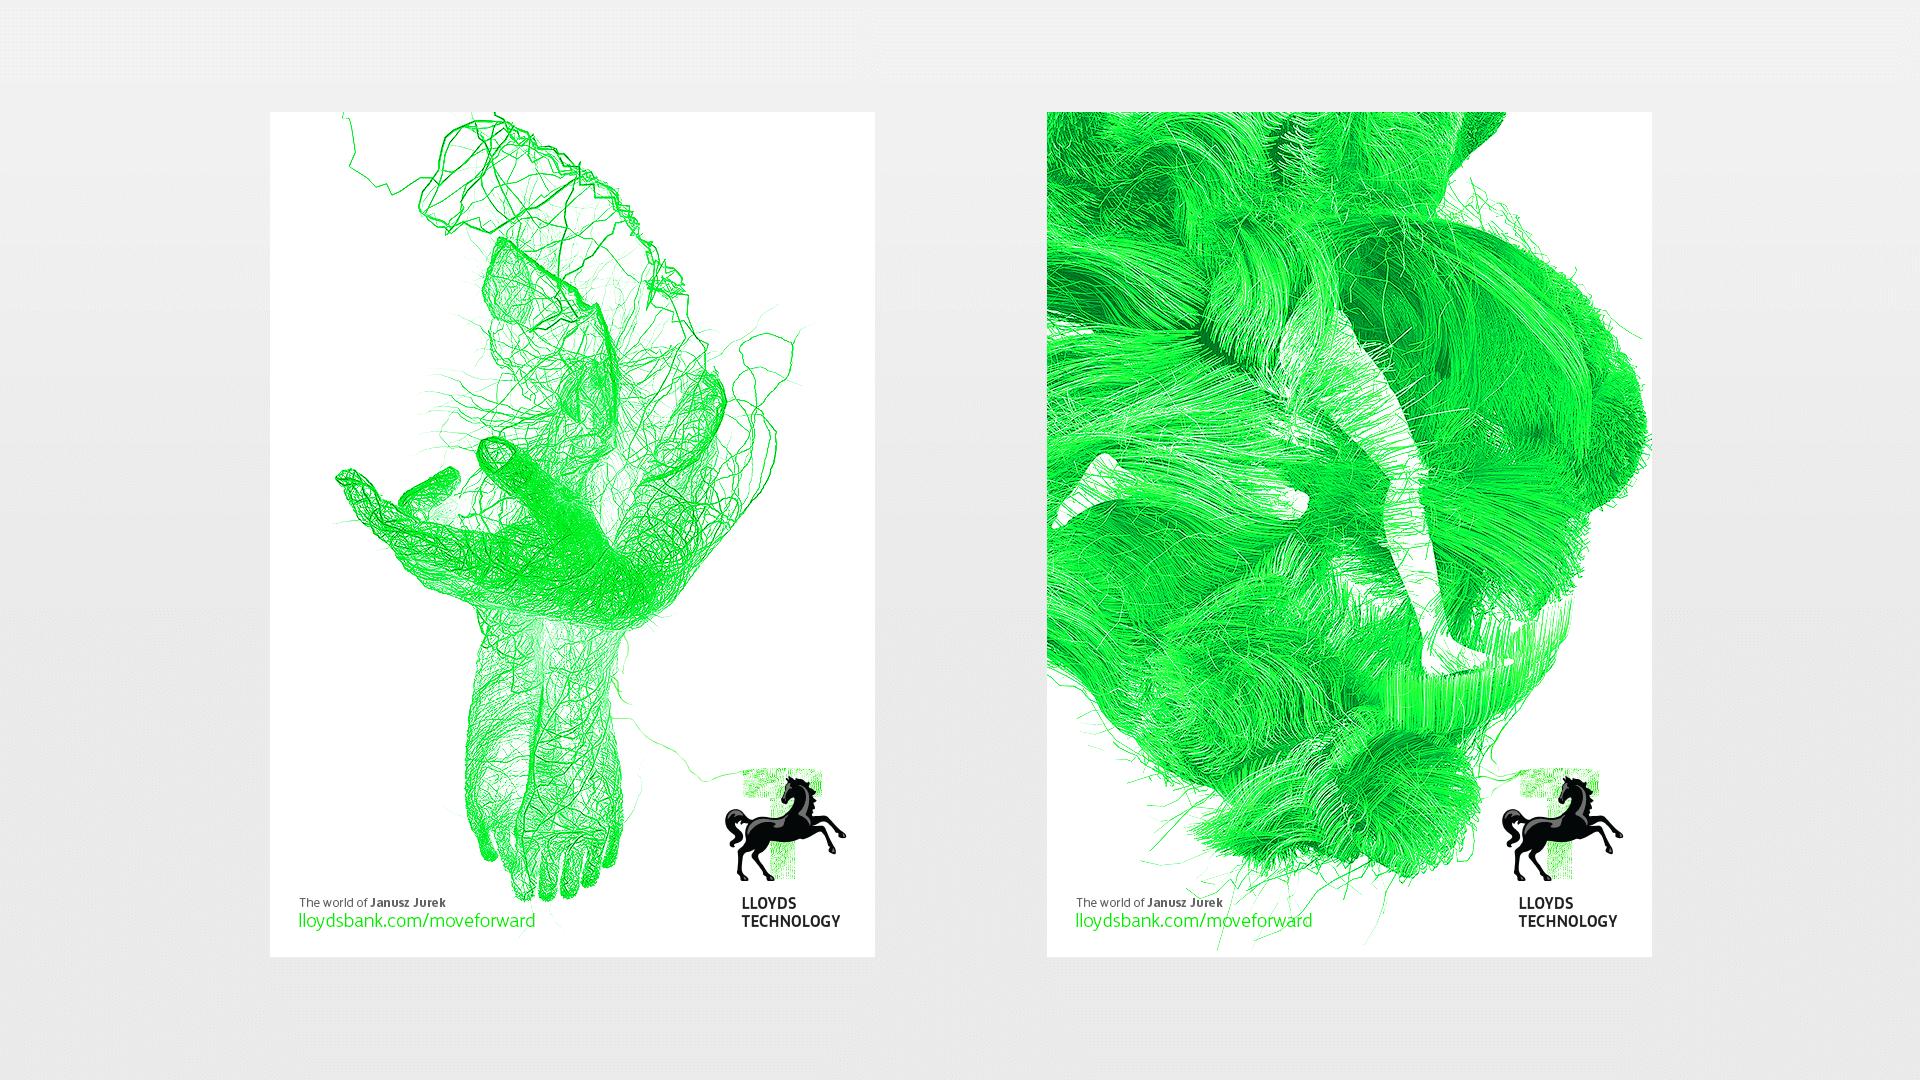 LLOYDS-GroupTech-Posters_Art-02a